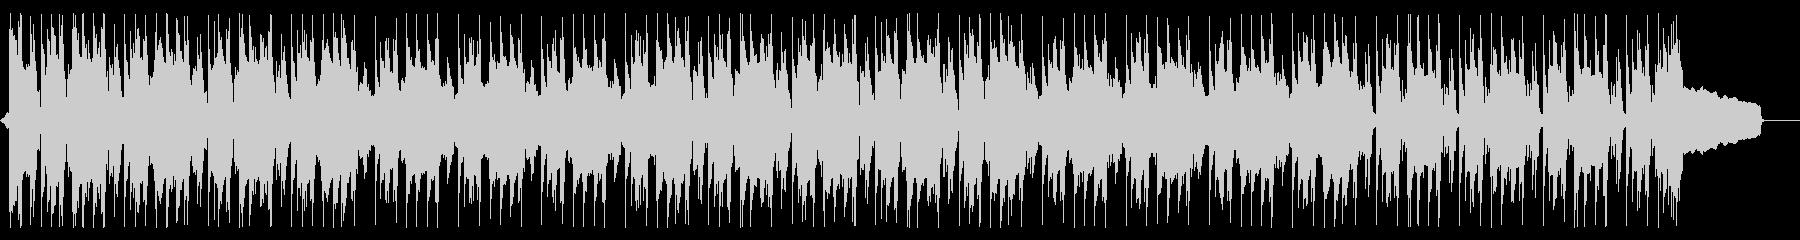 ジングル、CM ギターリフが激しいロックの未再生の波形